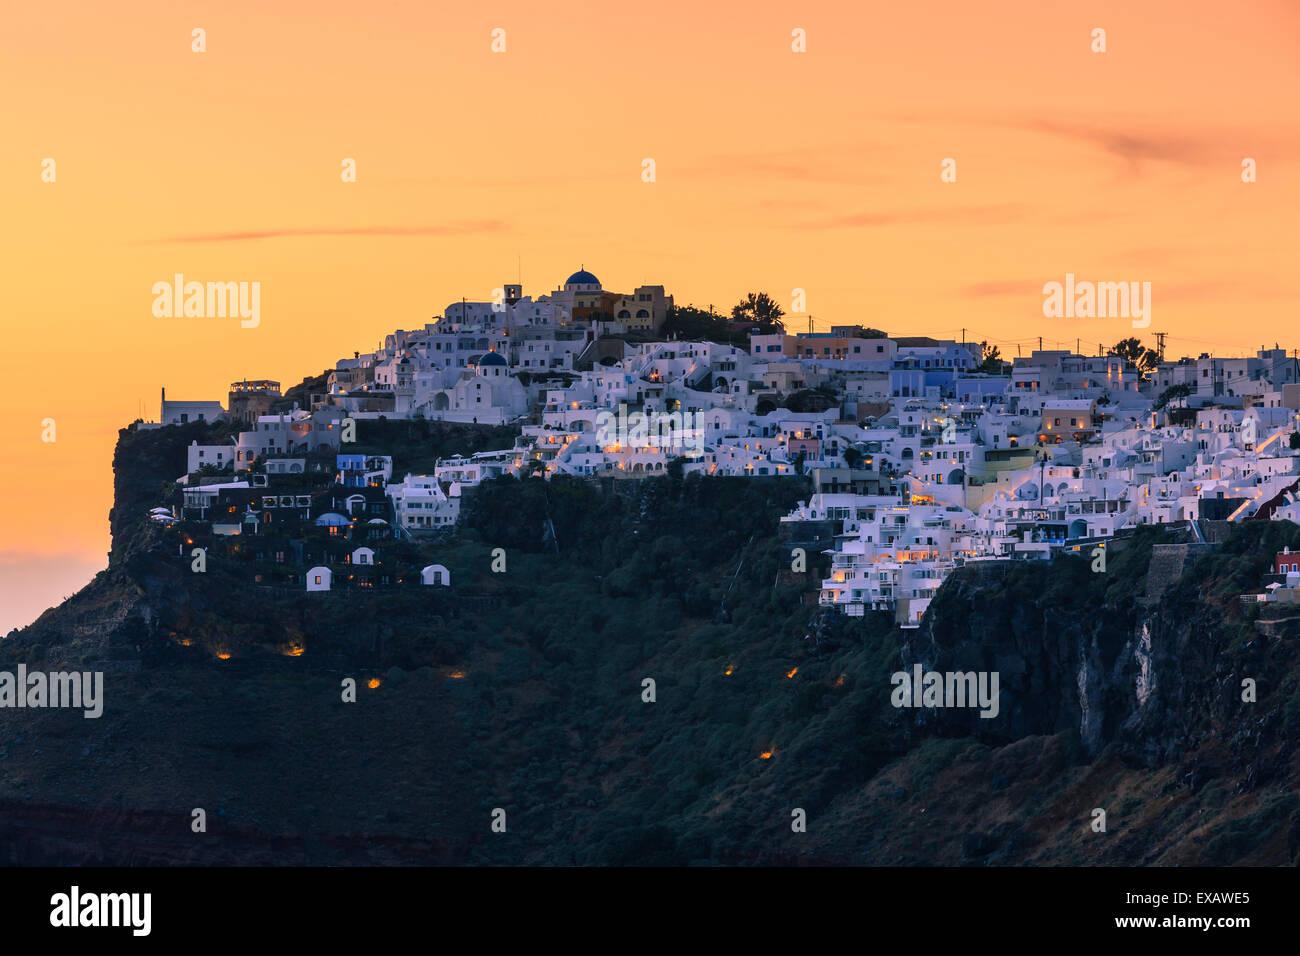 Imerovigli è una piccola città tra Fira e Ohia a Santorini, una delle isole Cicladi nel Mare Egeo, Grecia. Immagini Stock